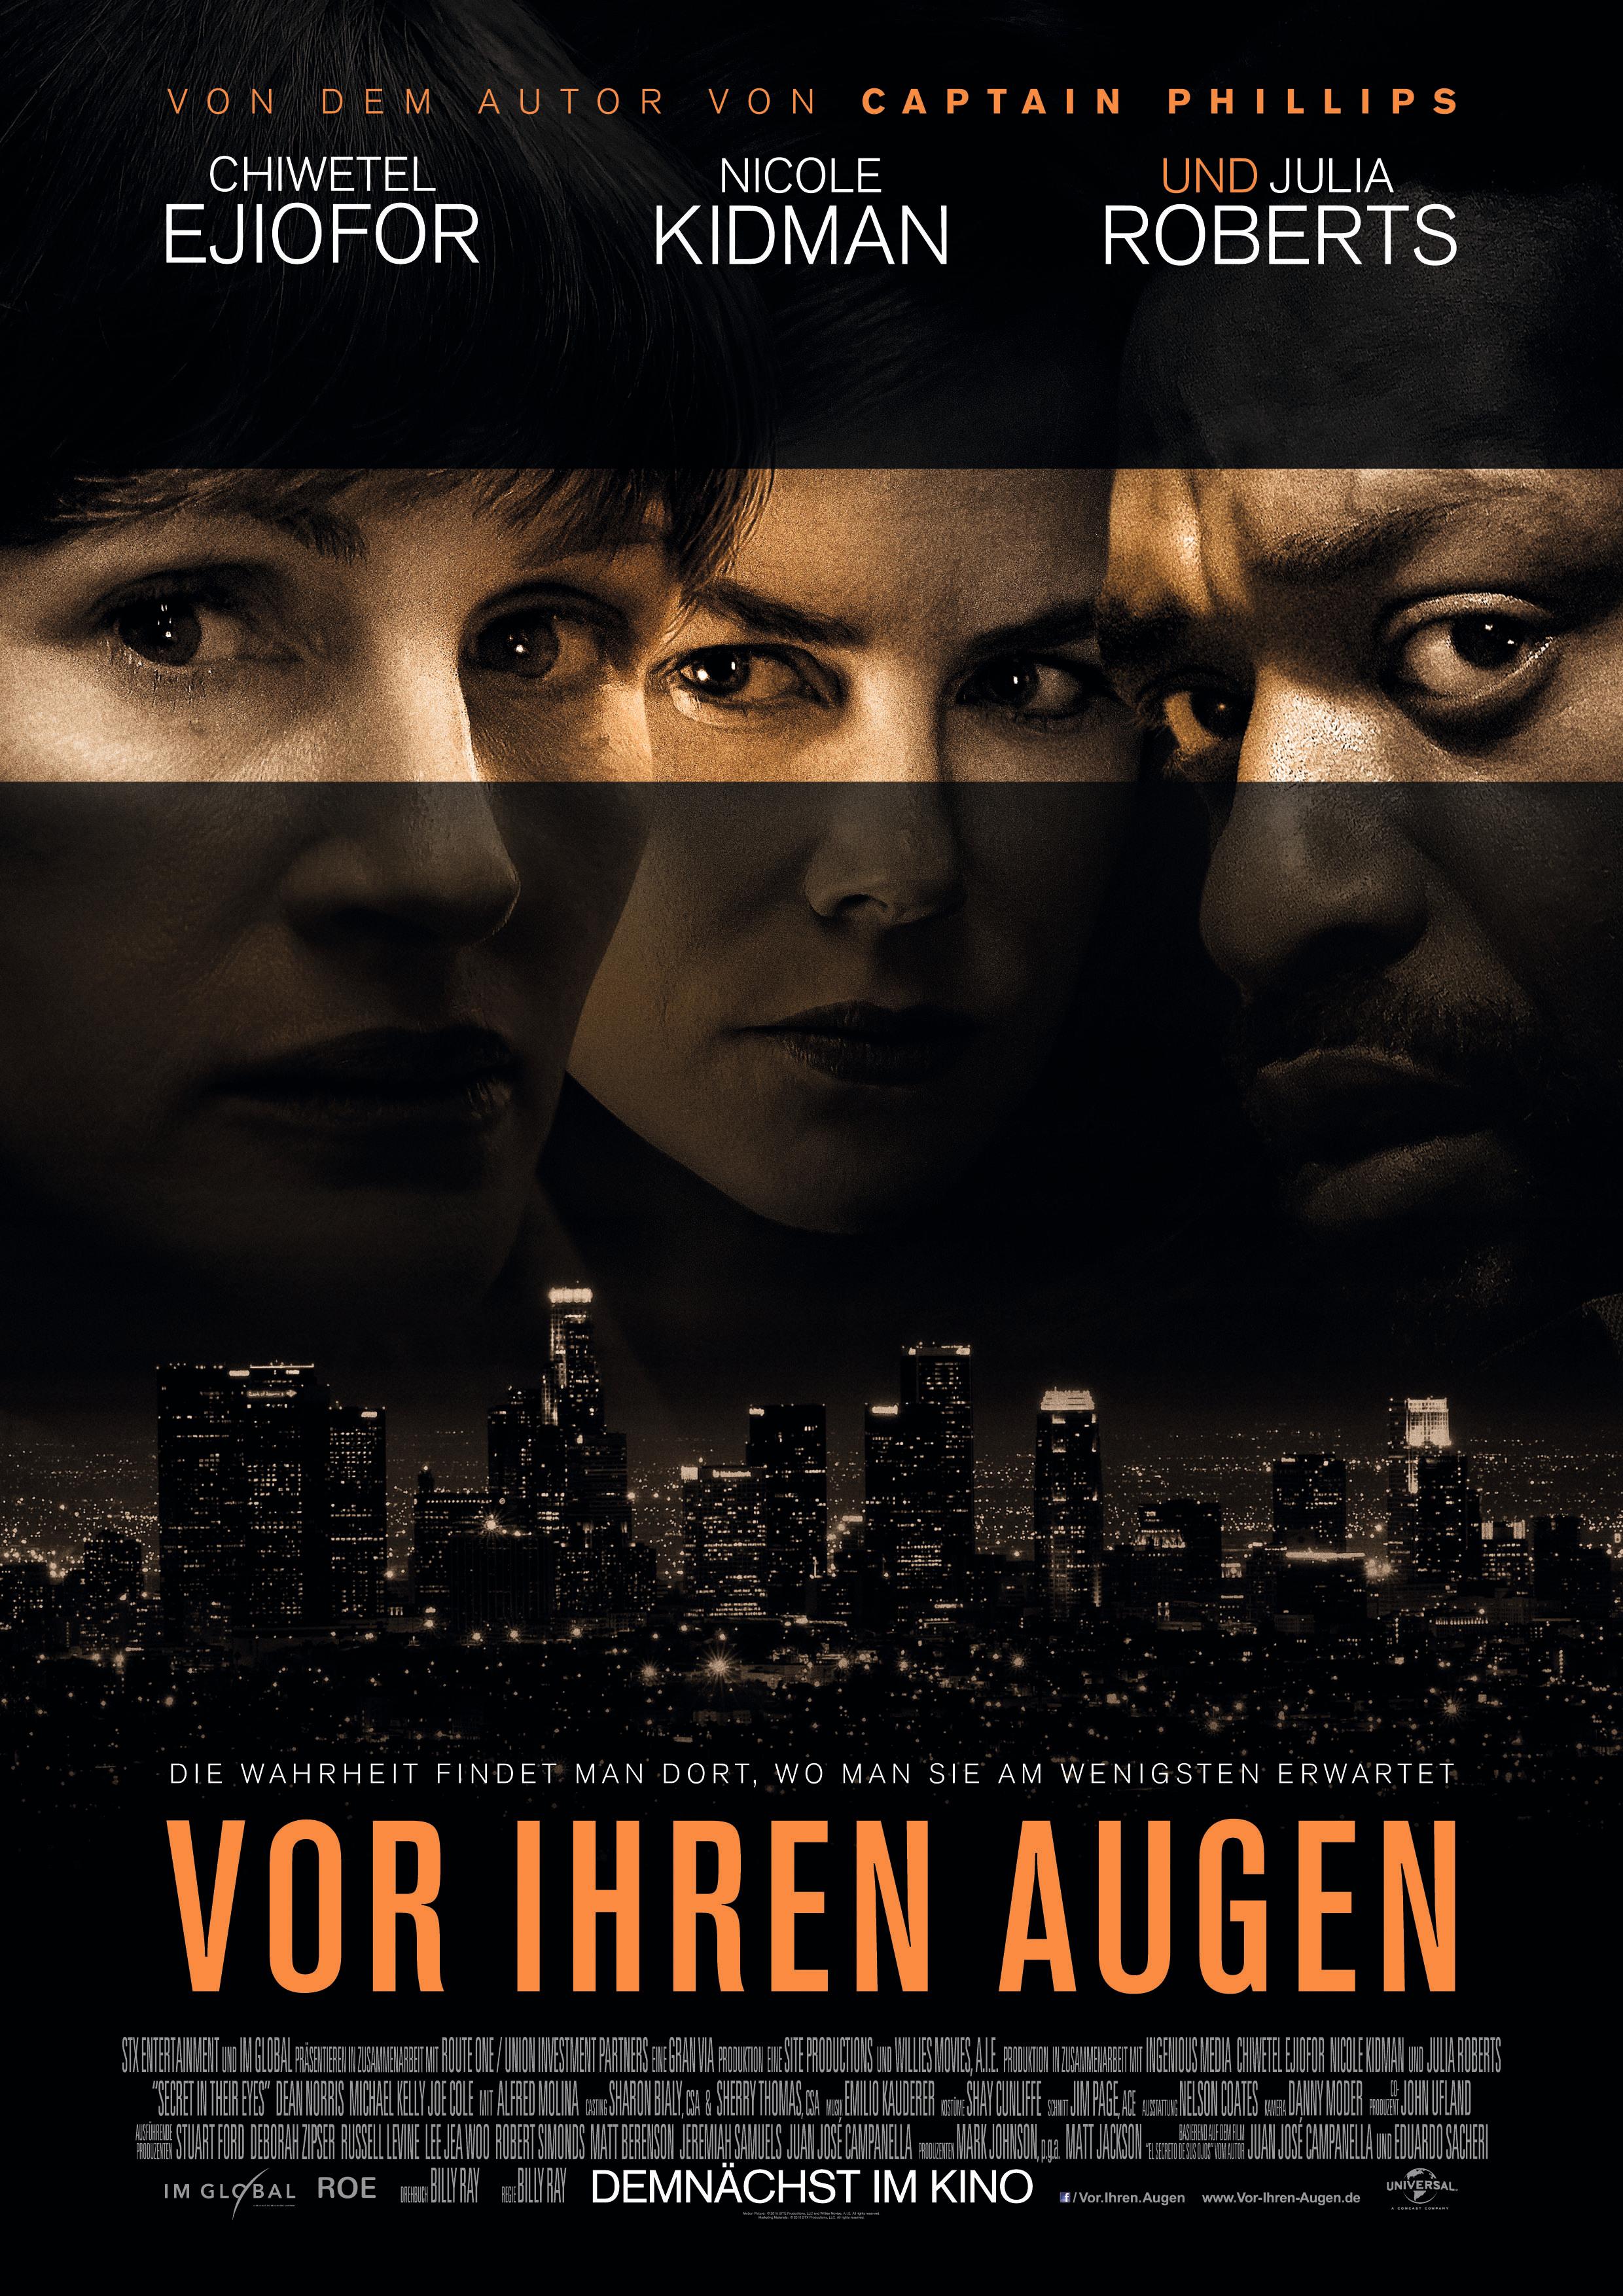 Vor ihren Augen | Wessels-Filmkritik.com